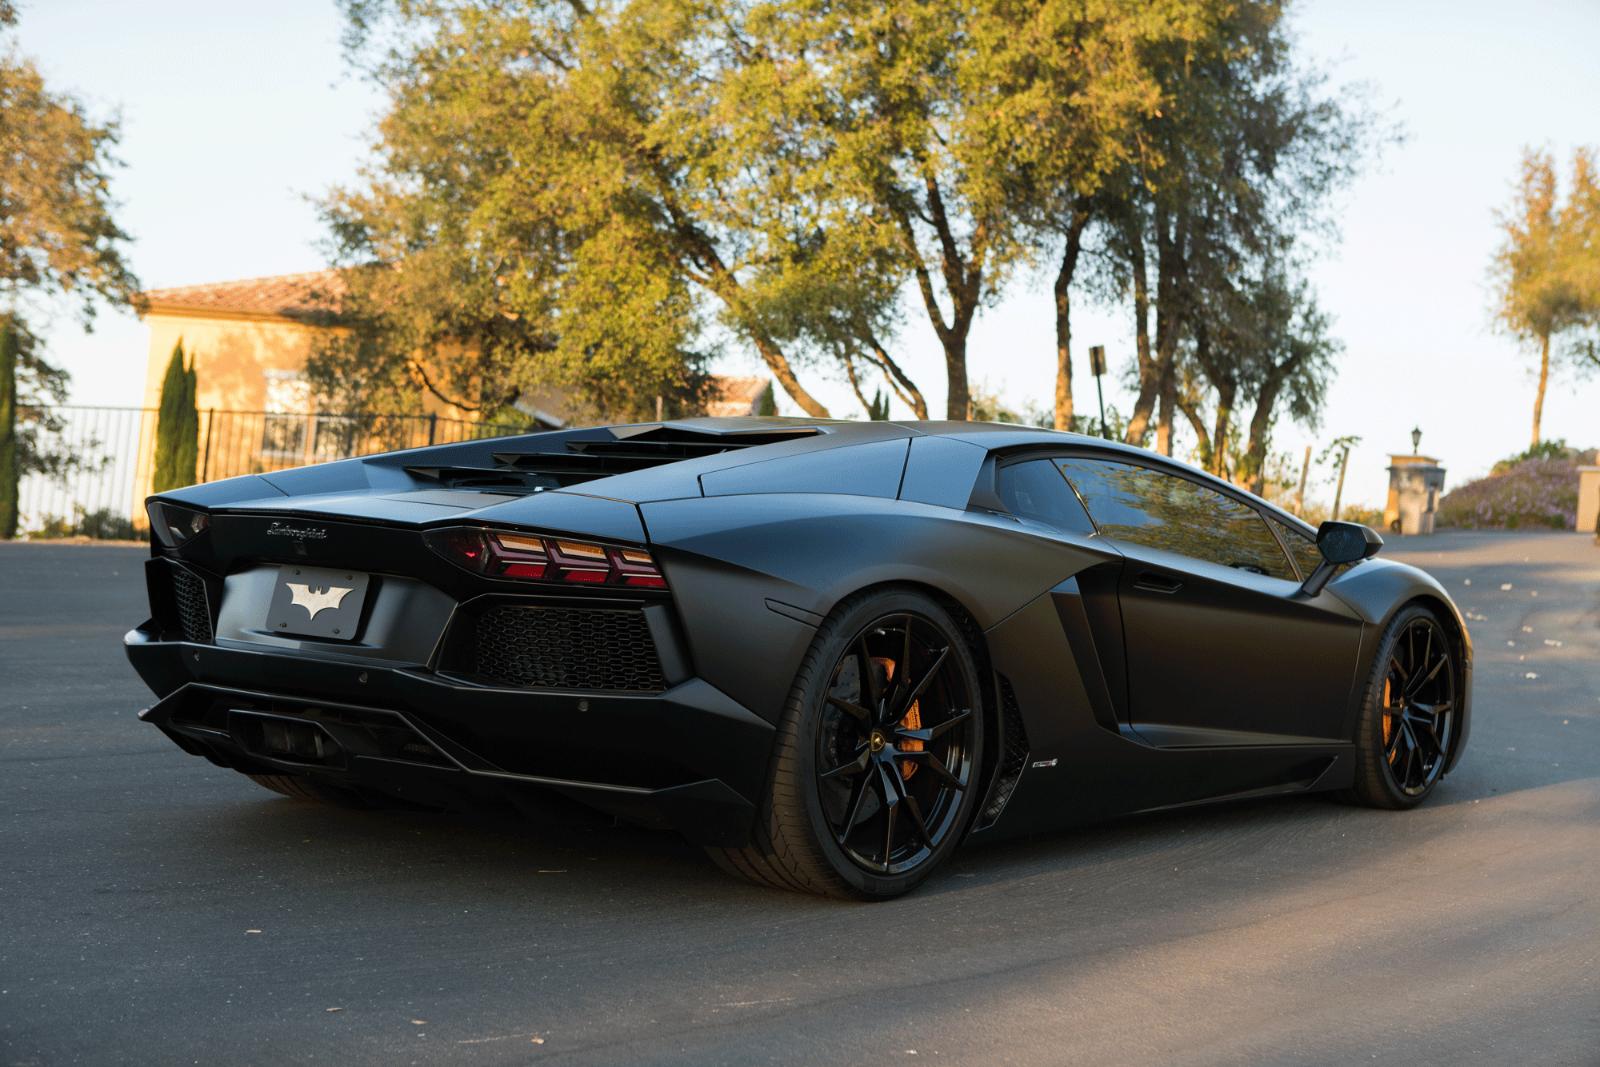 2013 Lamborghini Aventador LP700 Coupe 2-door Lamborghini ...